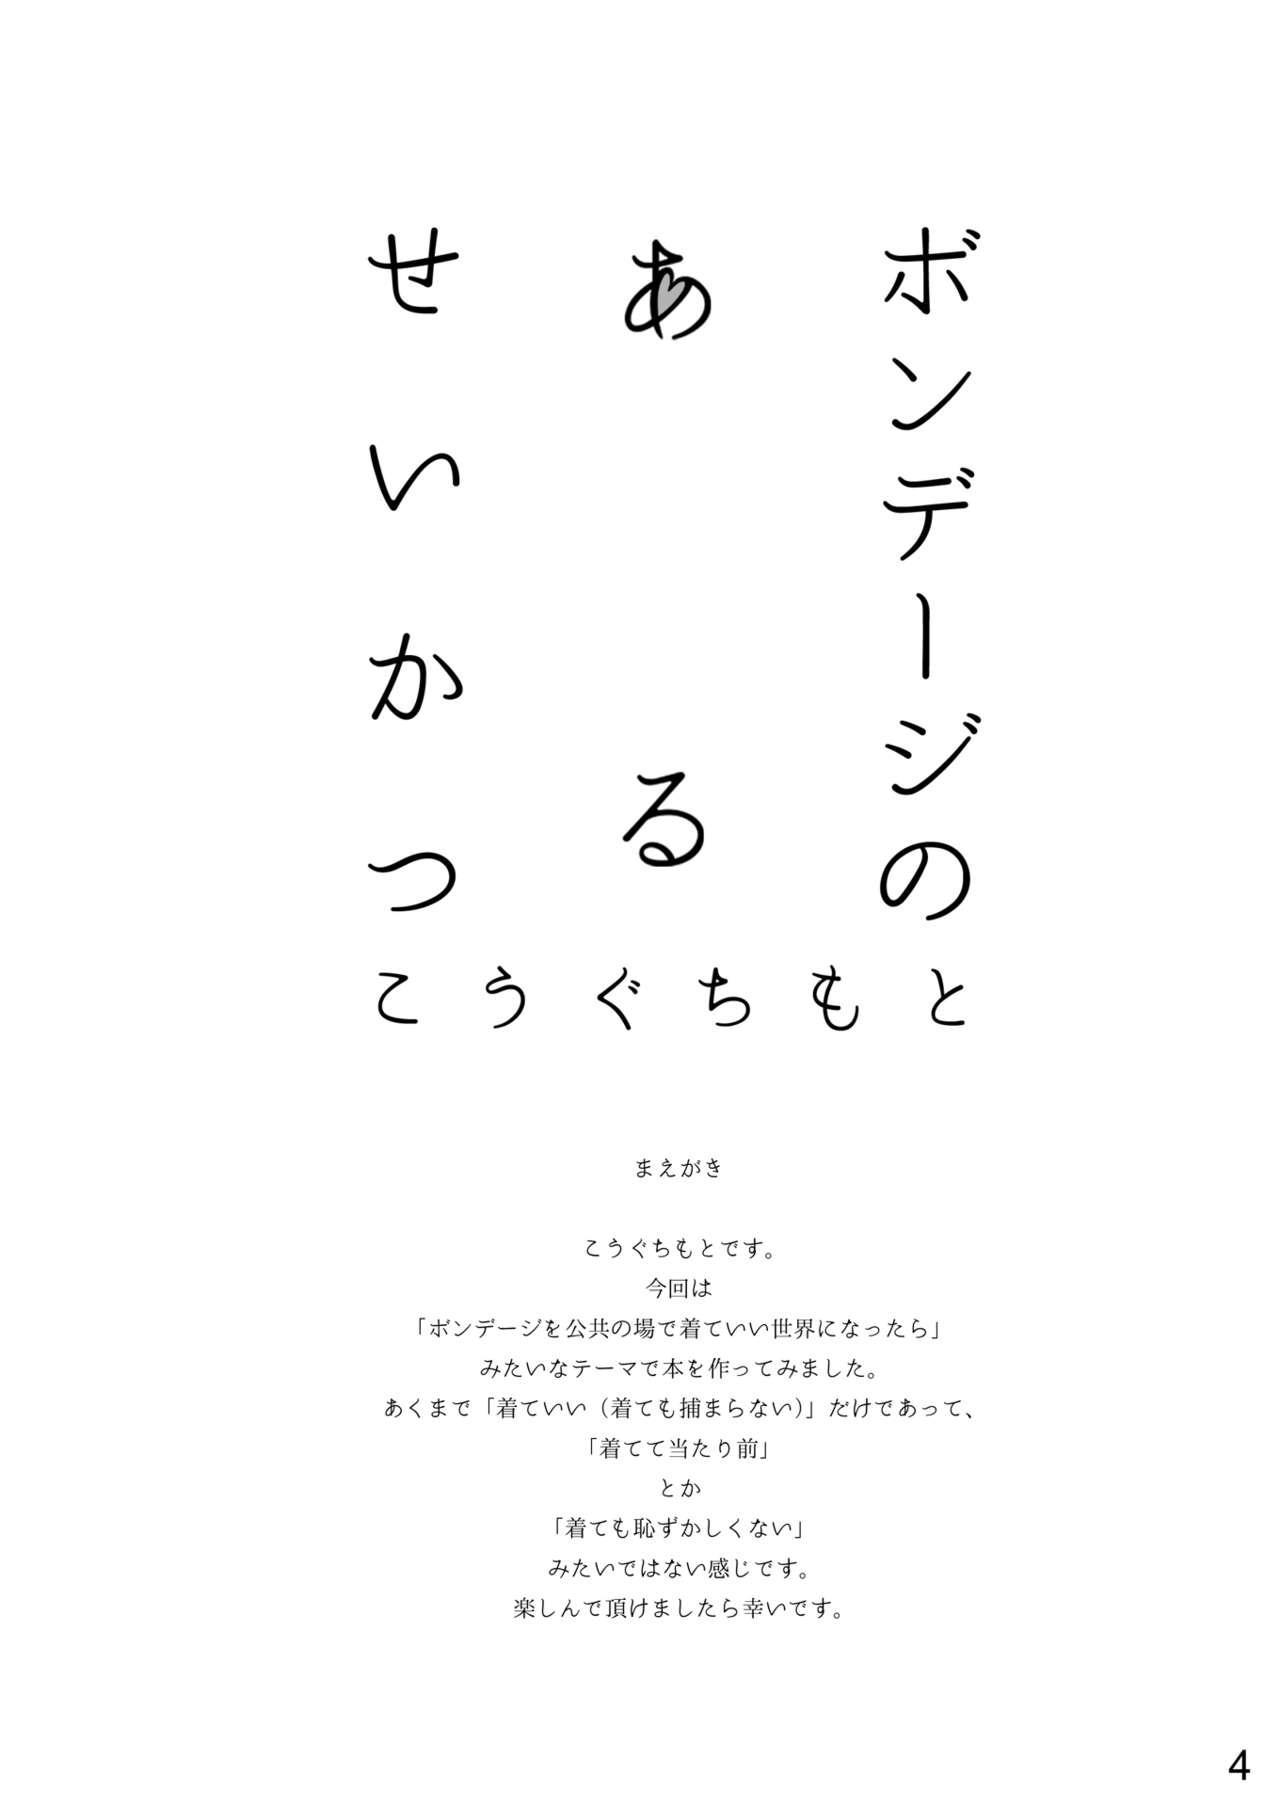 Bondage no Aru Seikatsu - Life of Bondage. 2